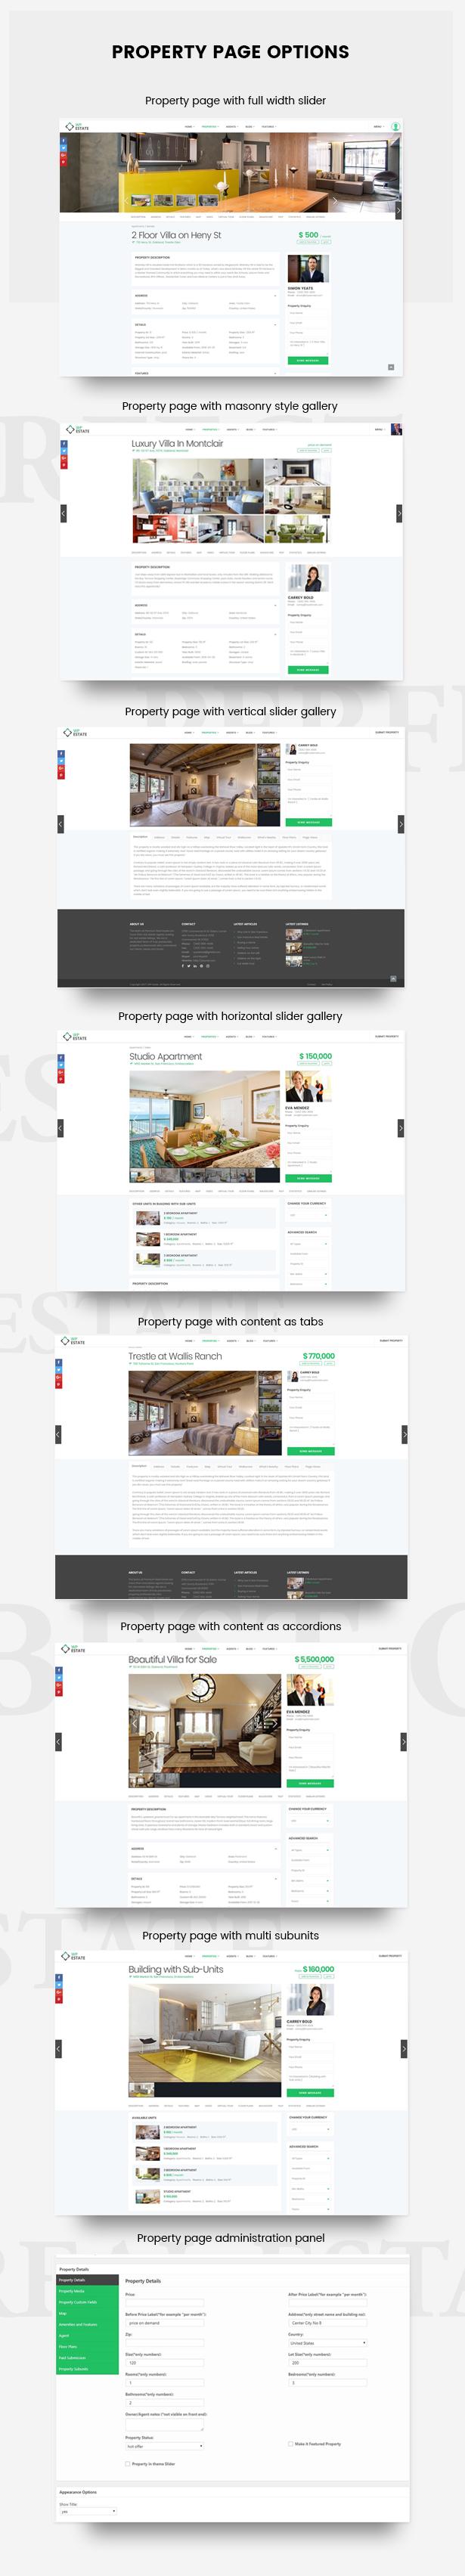 2property page - WpEstate Real Estate WordPress Theme